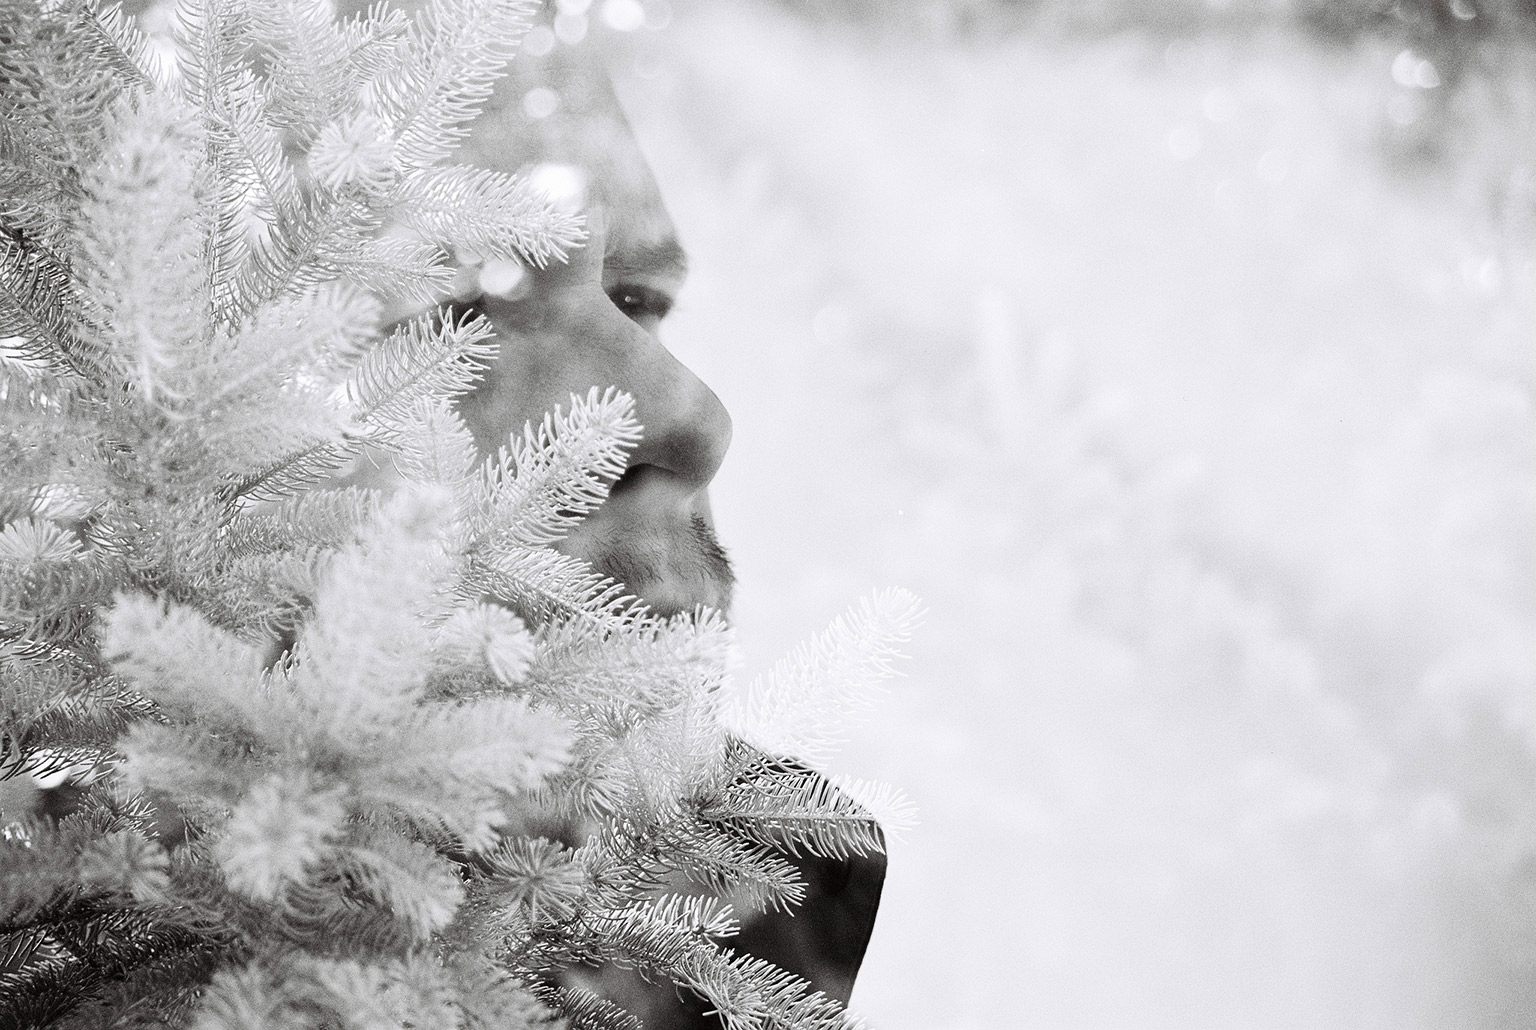 WinterRuss